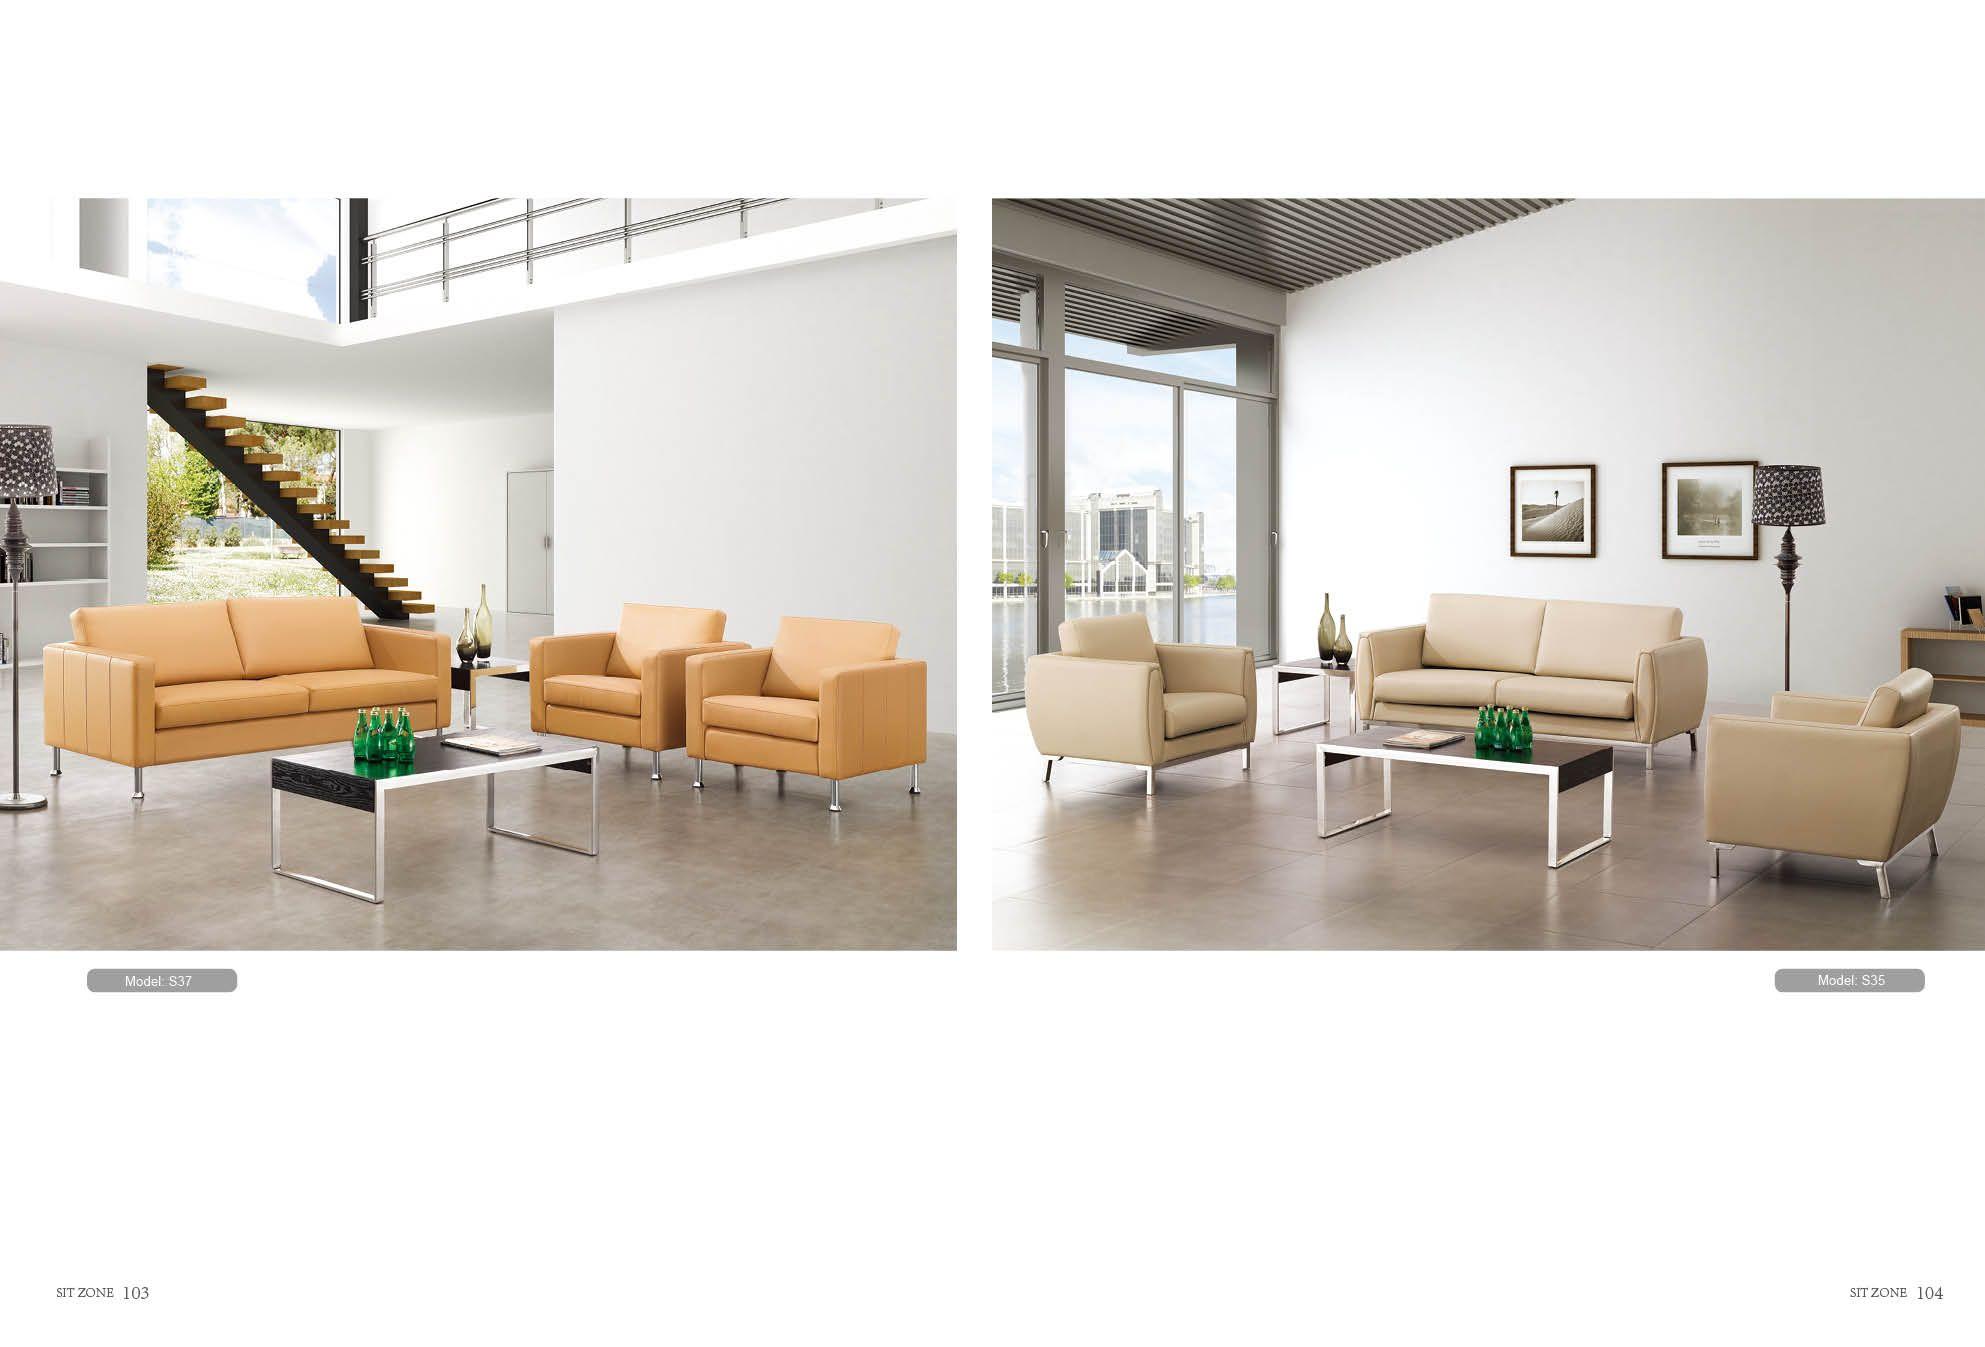 Office sofa  /furniture Is the one U seek www.sitzone.cn